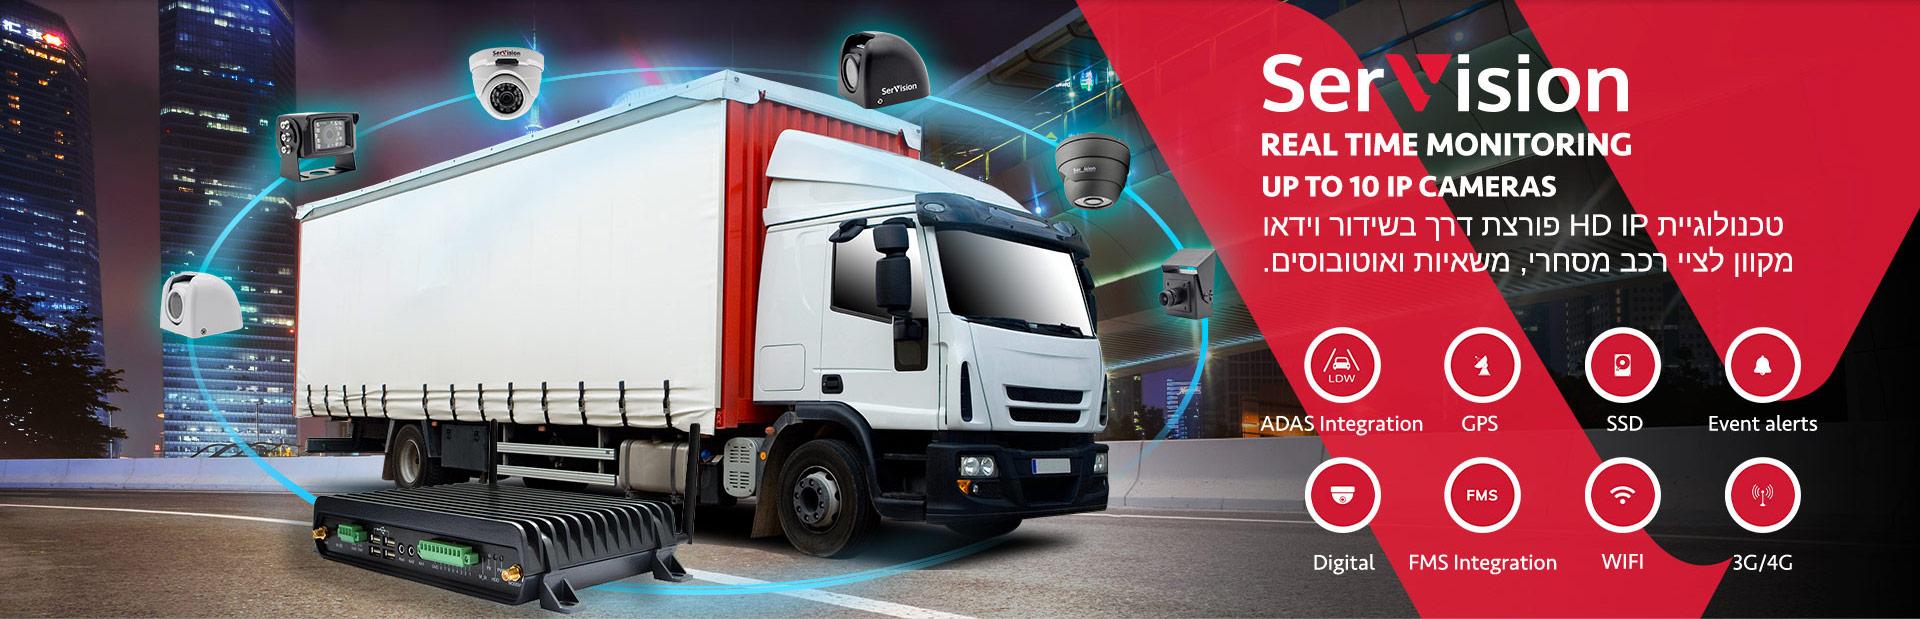 טכנולוגיית HD IP פורצת דרך לשידור וידאו חי מציי רכב